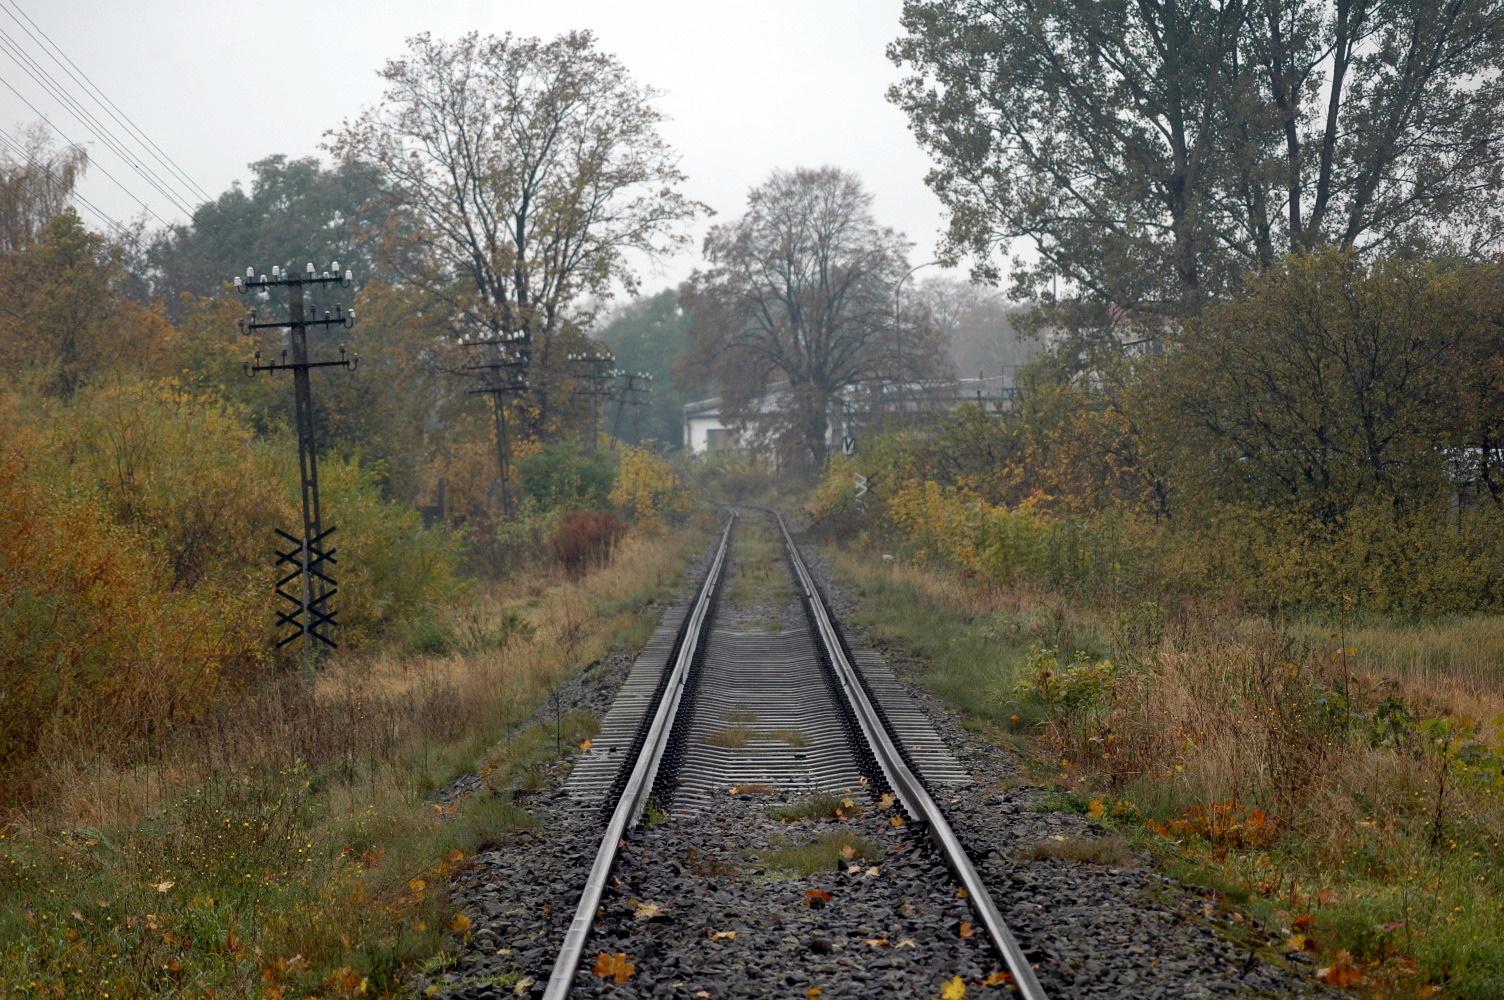 Trzebiatów_-_Linia_kolejowa_nr_402,_kier__Kołobrzeg.jpg